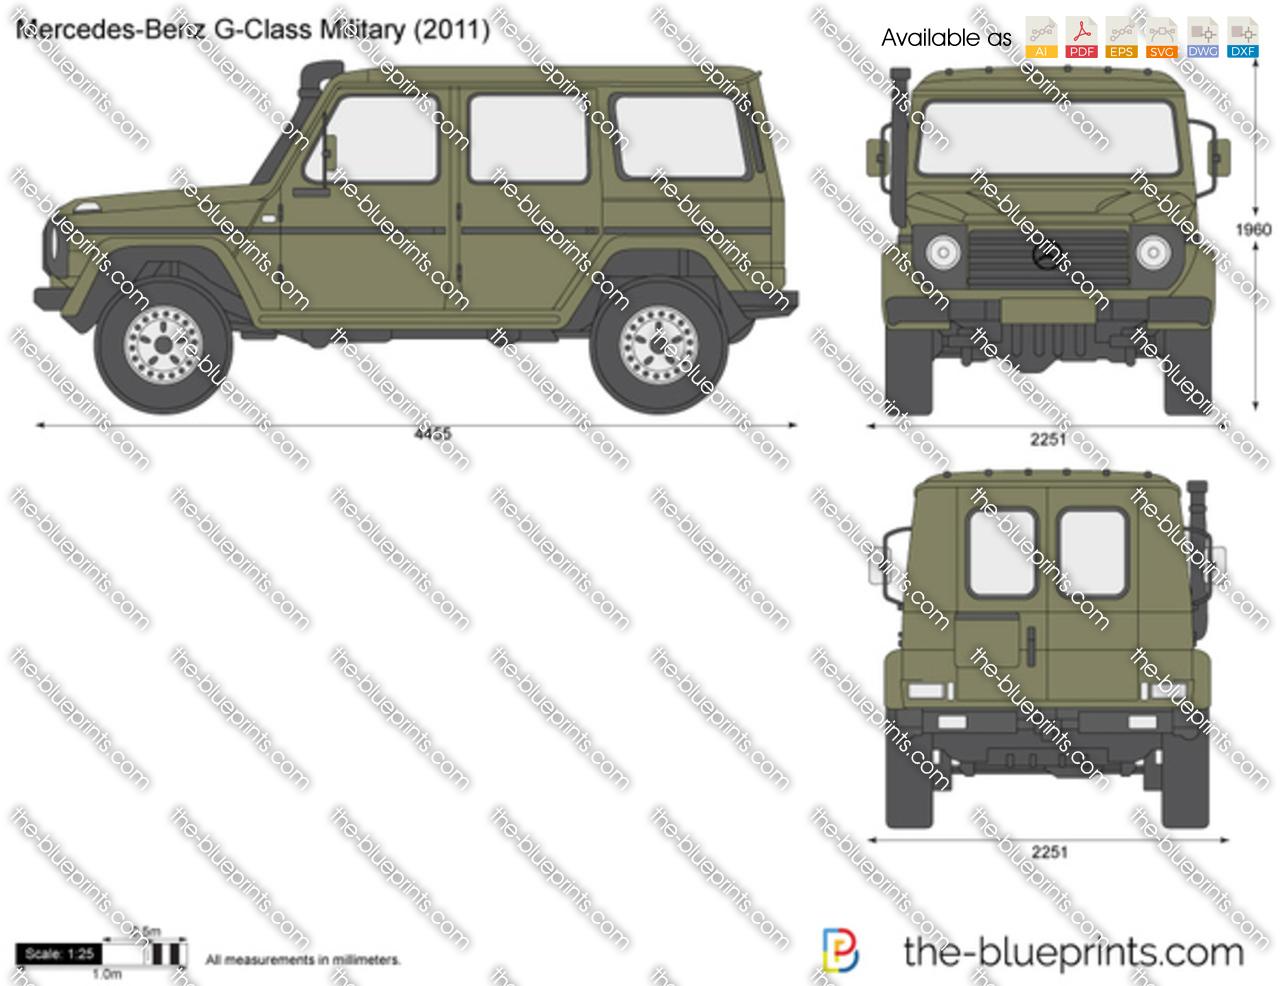 Mercedes-Benz G-Class Military 461 2014